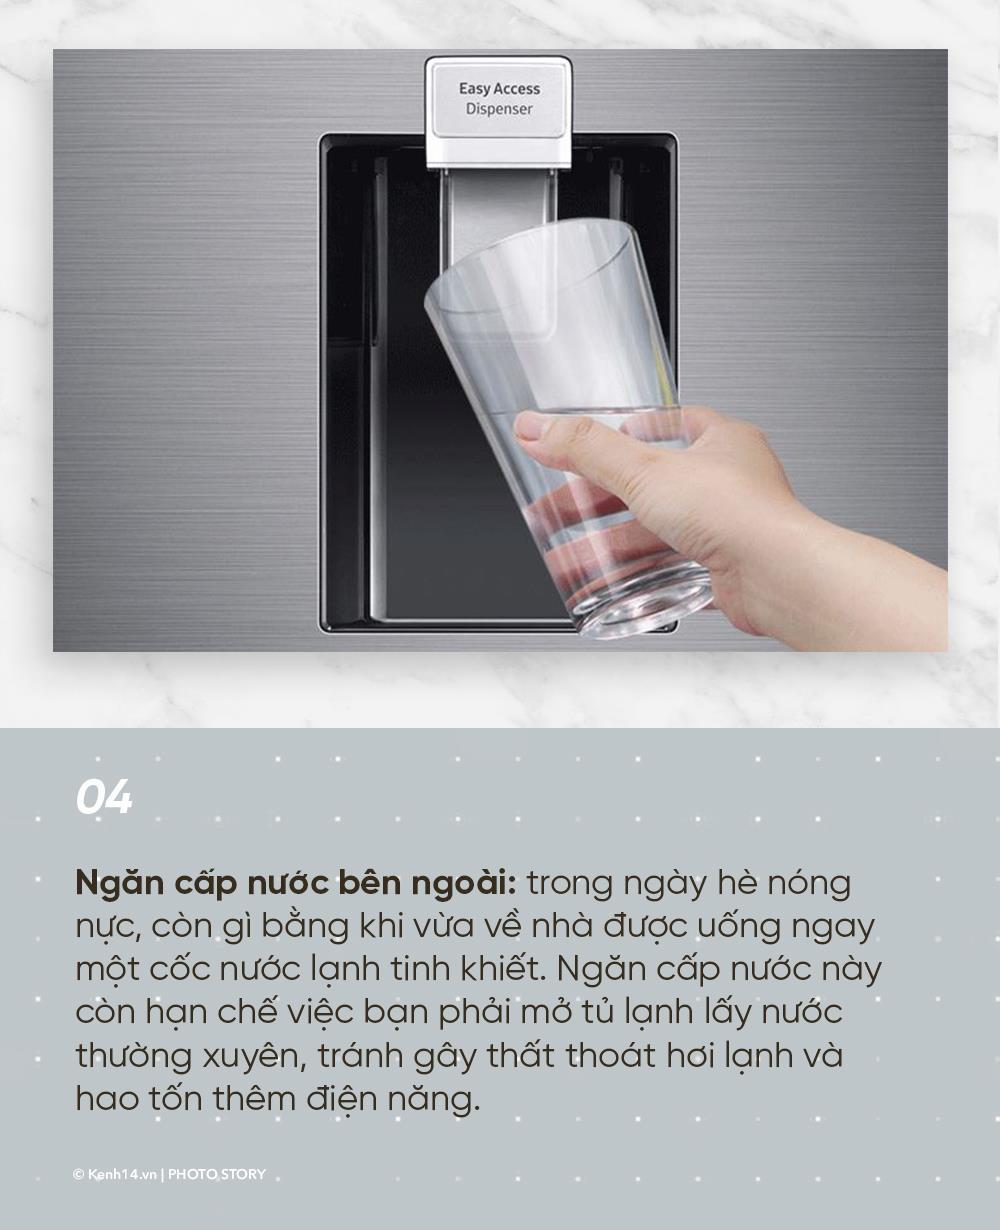 6+1 ưu điểm không thể phủ nhận của chiếc tủ lạnh -1 độ C - Ảnh 4.